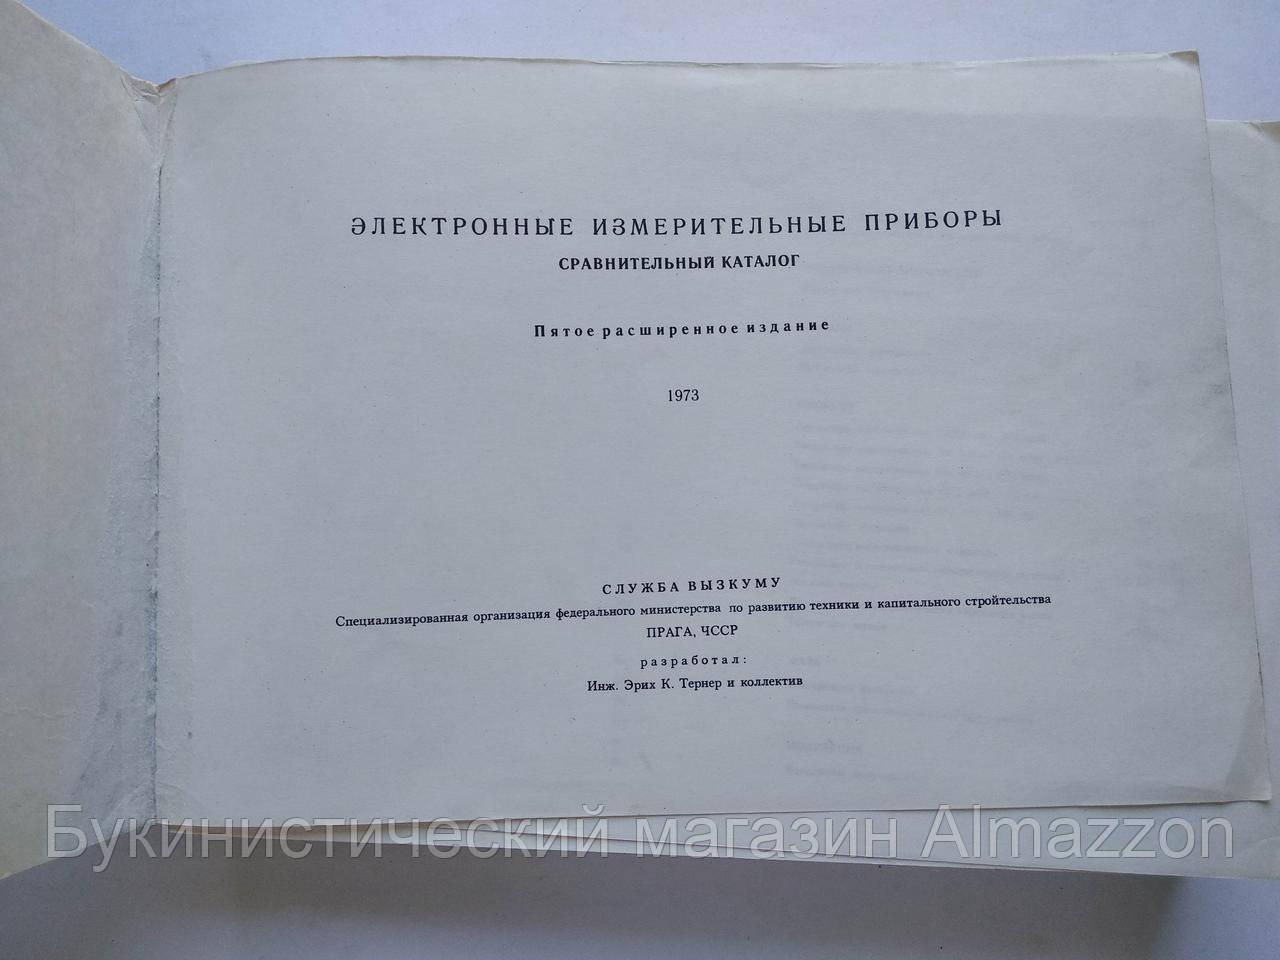 Электронные измерительные приборы. Сравнительный каталог. 1973 год